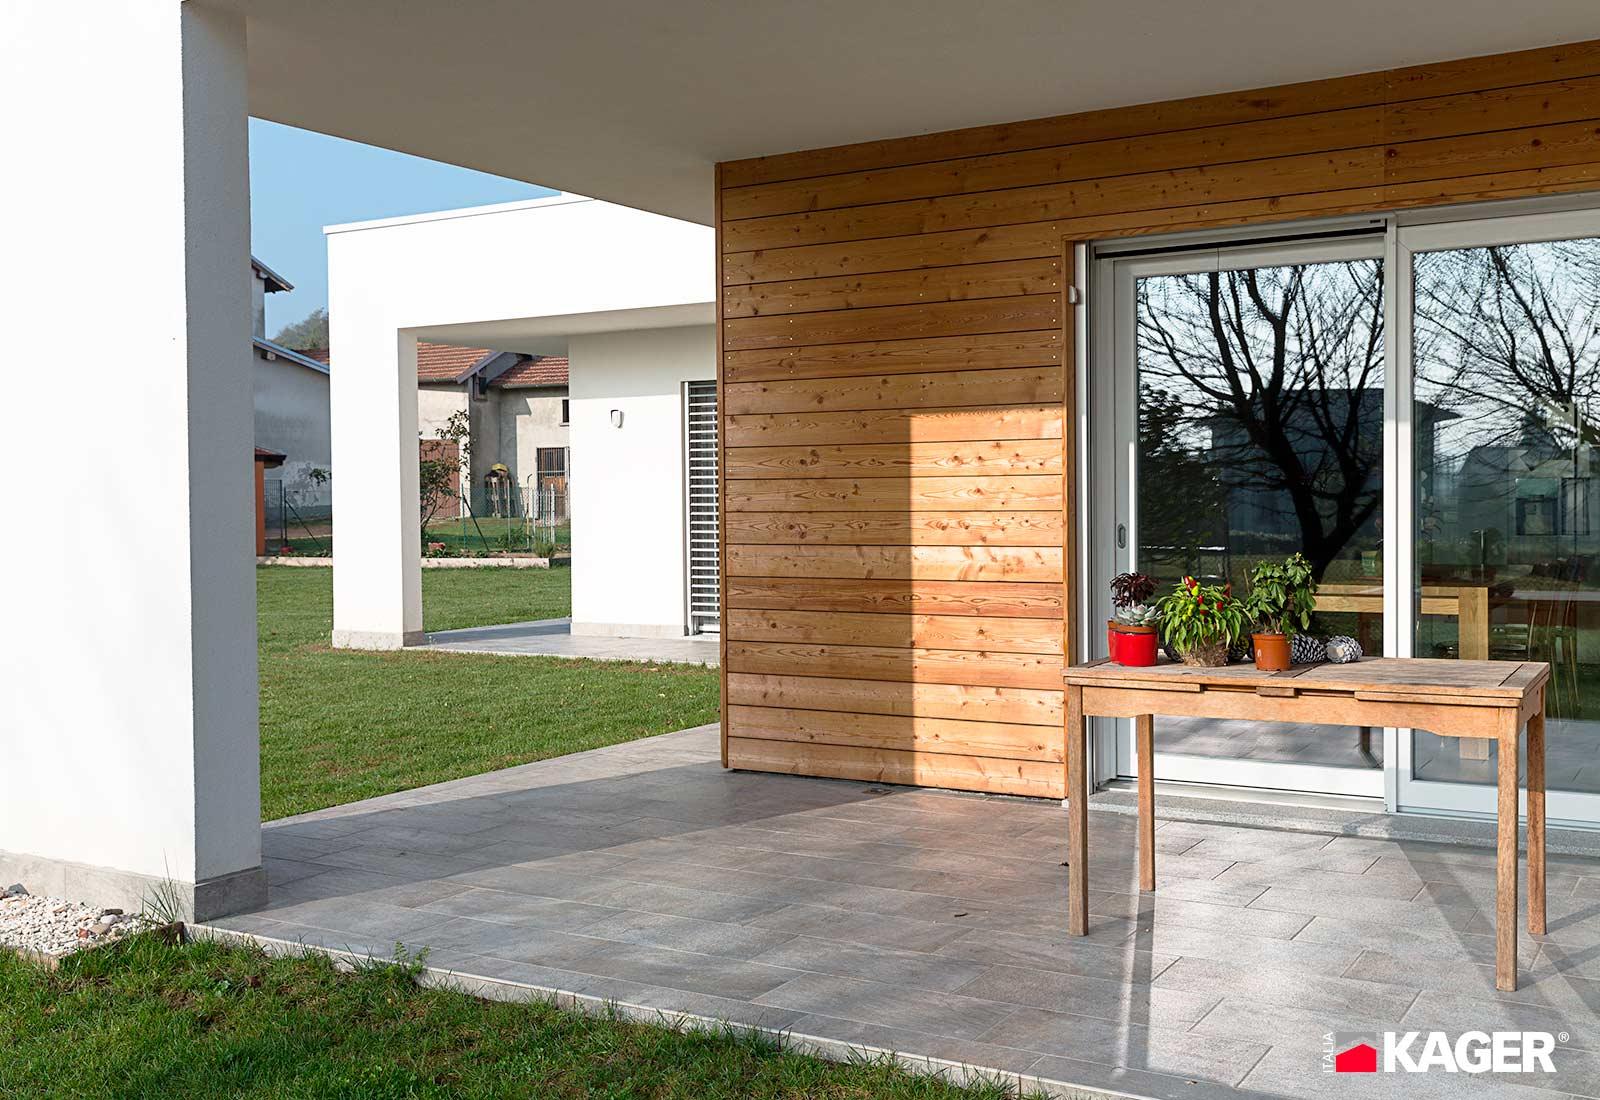 Casa-in-legno-Brebbia-Kager-Italia-06